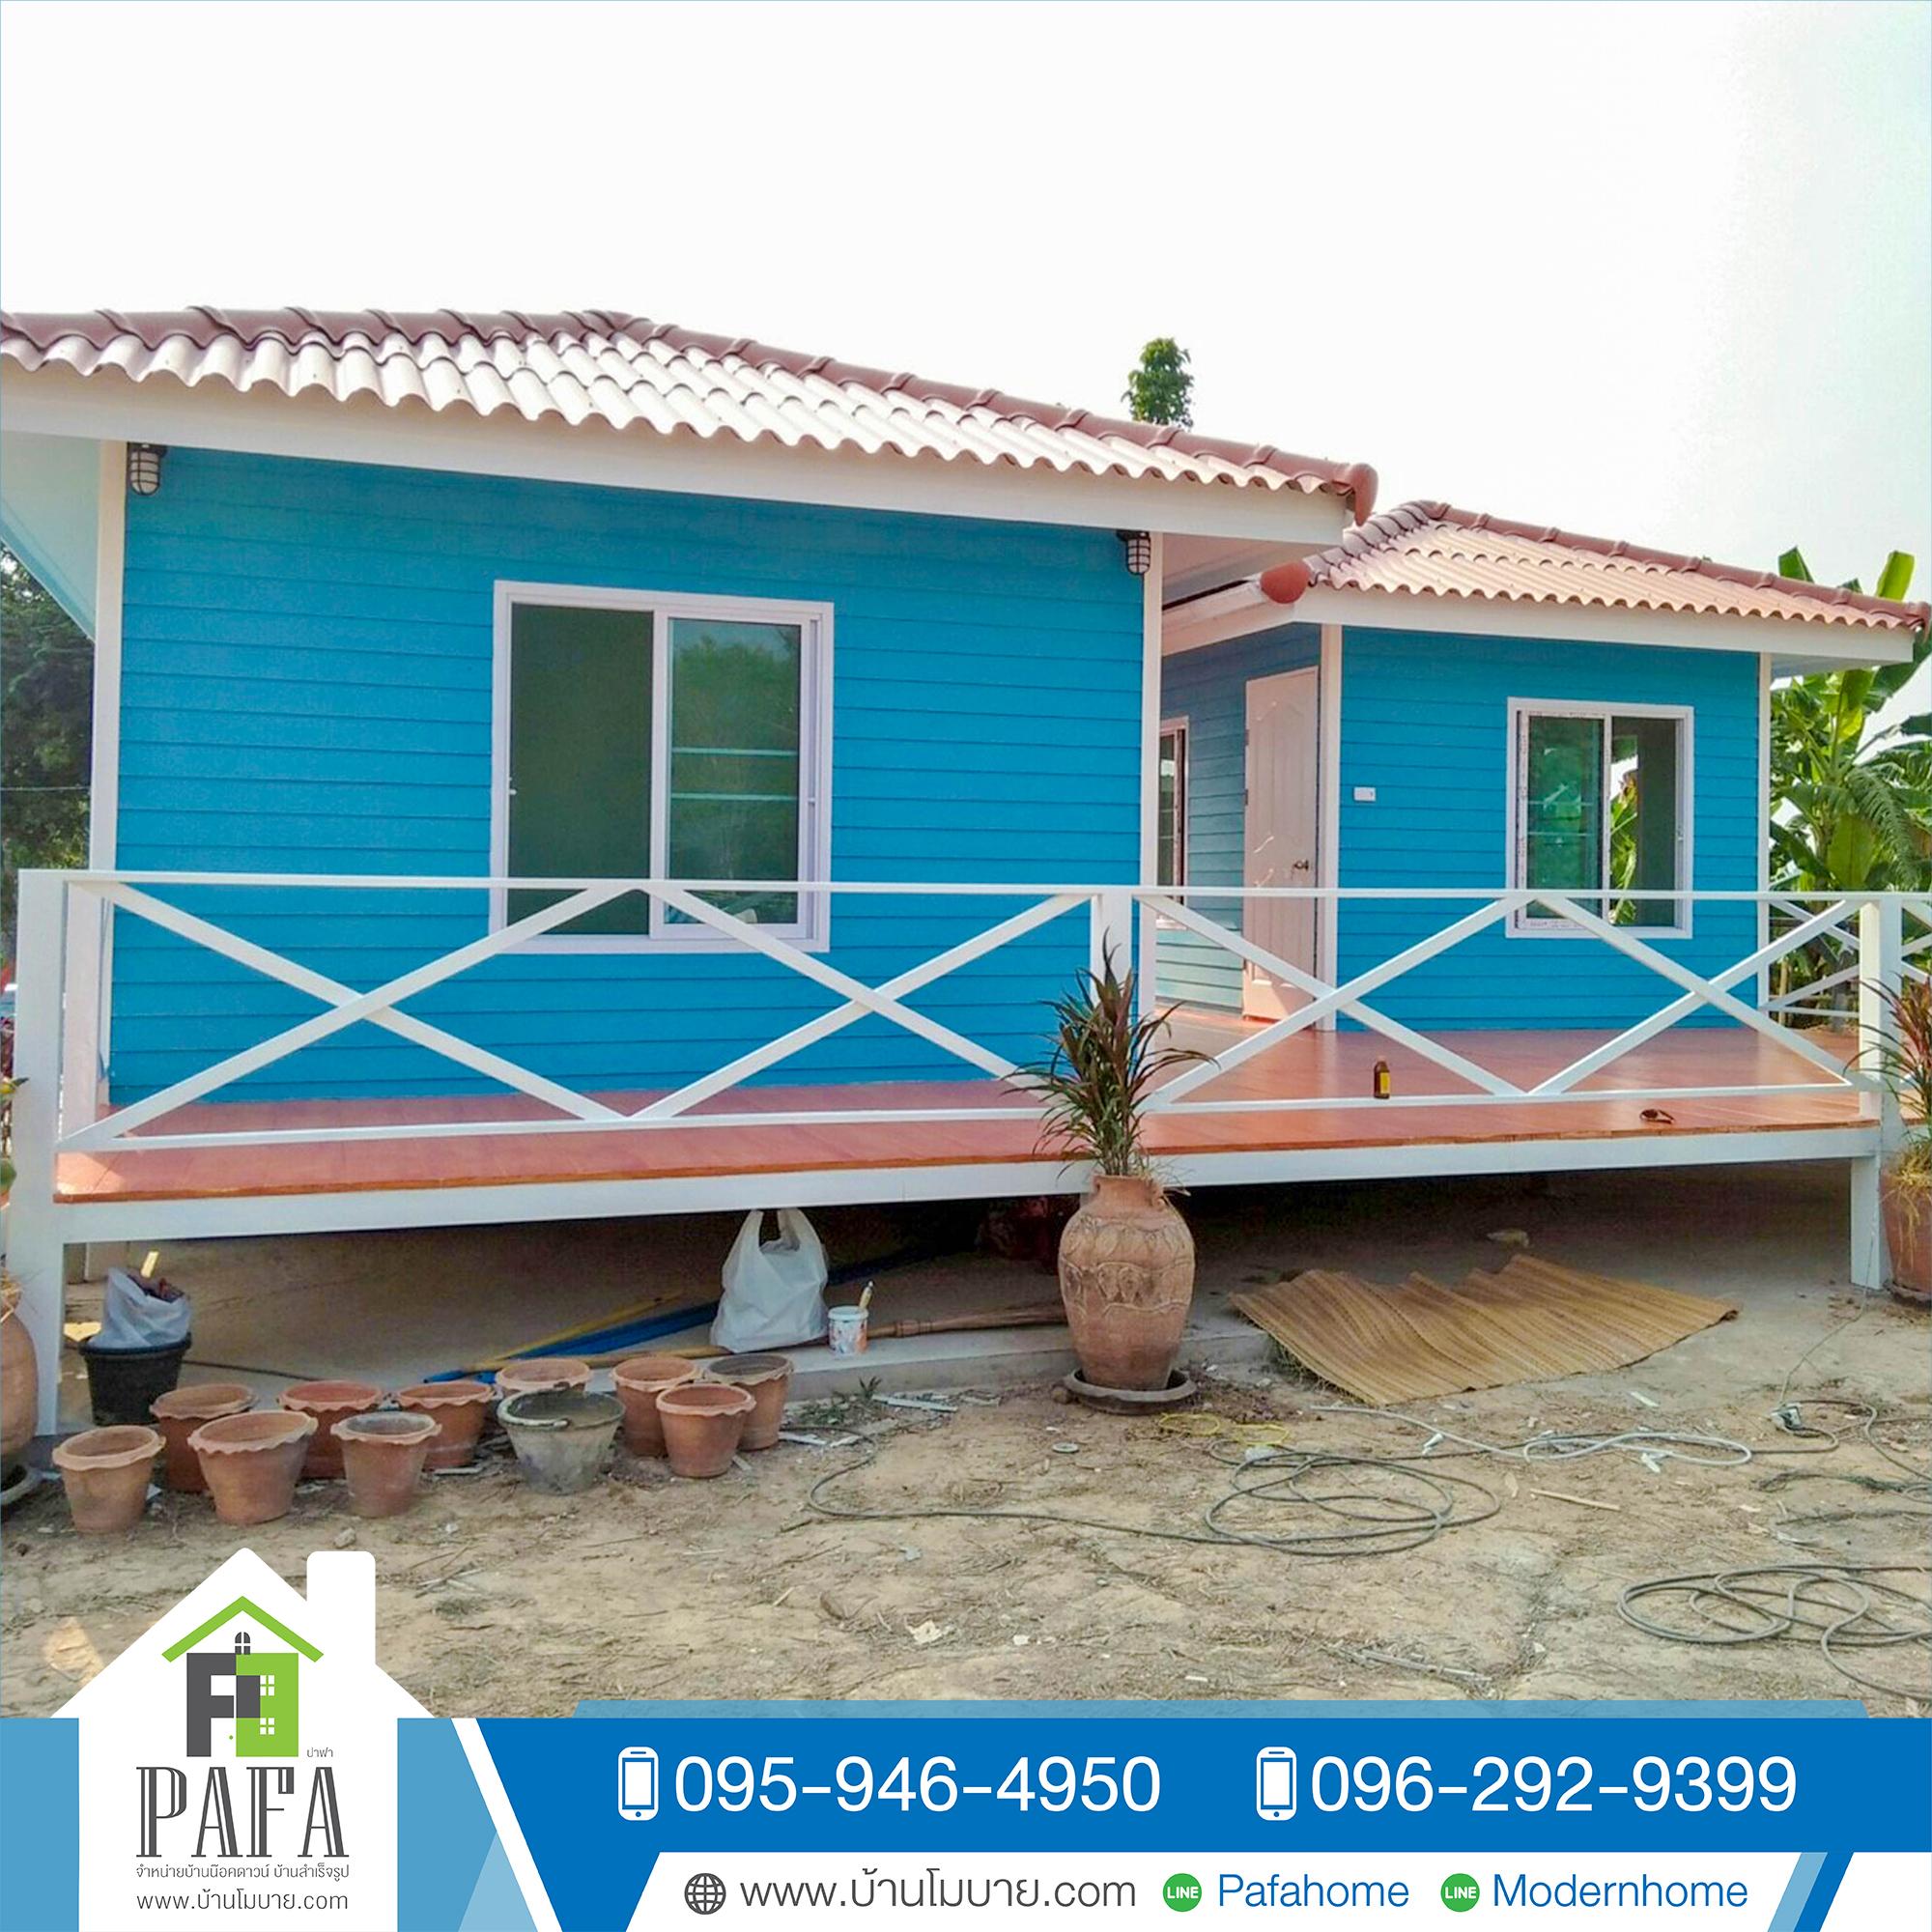 บ้านขนาด 4*6 + 3*4 เมตร พร้อมระเบียง 36 ตร.ม (2 ห้องนอน 2 ห้องน้ำ 1 ห้องนั่งเล่น)